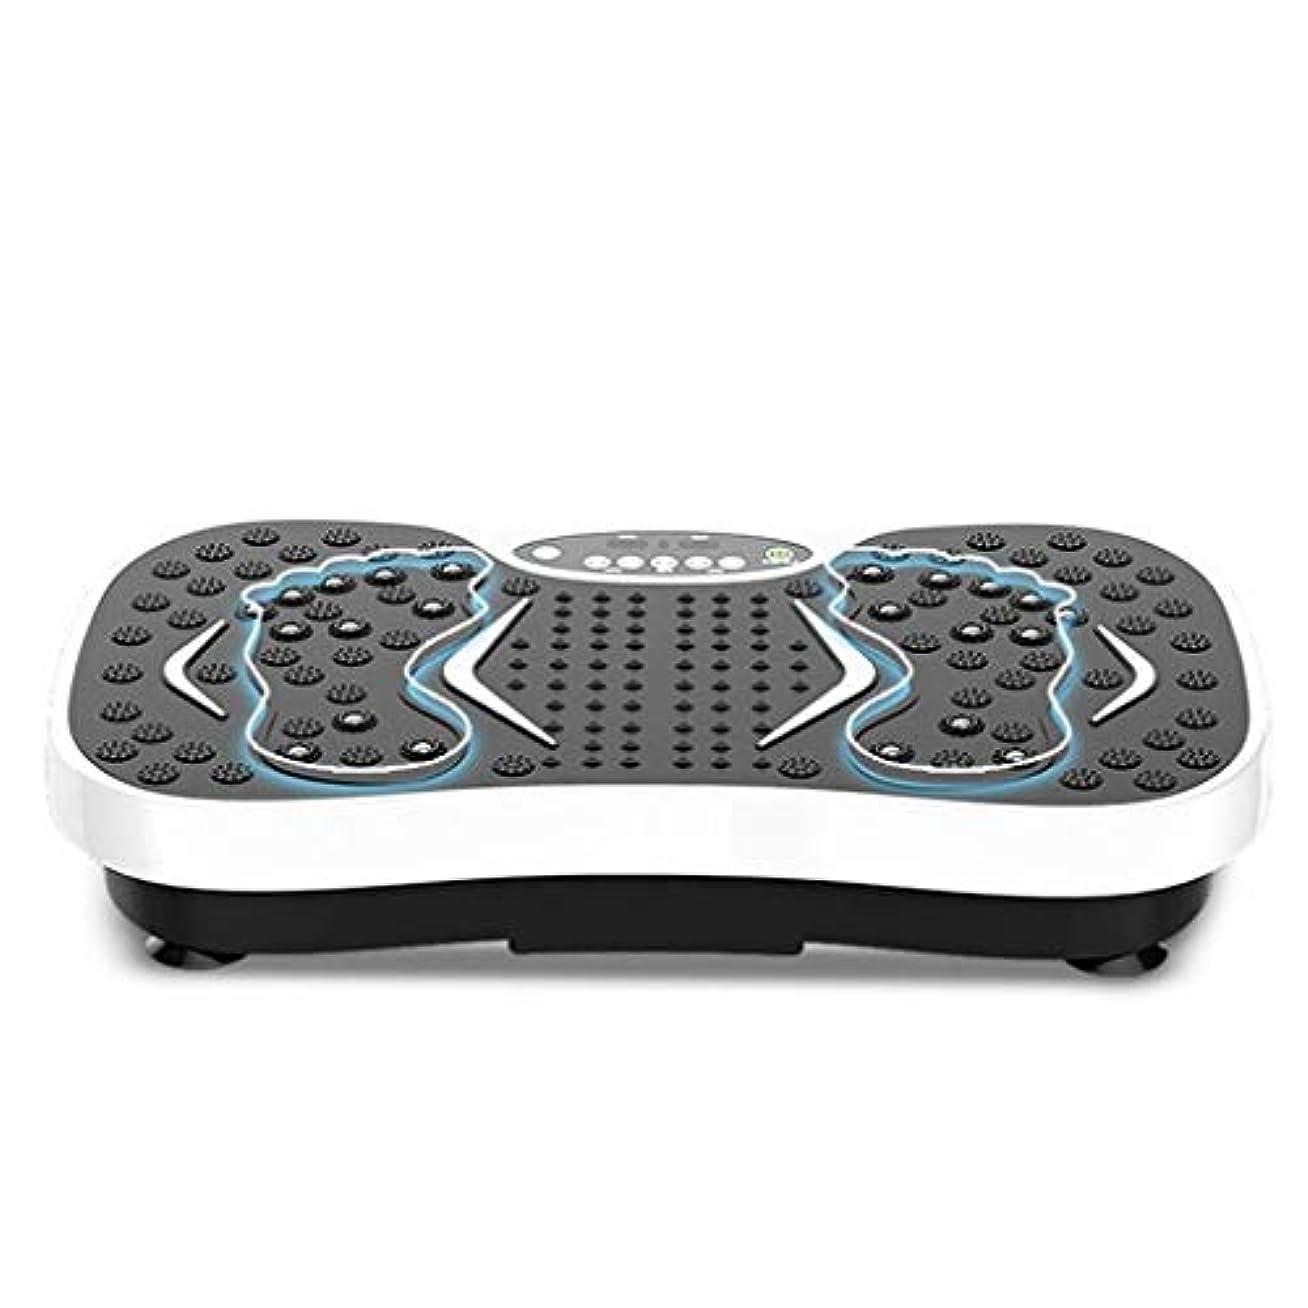 スチールポインタ聖人減量機、運動衝撃吸収フィットネスモデル減量機ユニセックス振動板、家庭/ジムに最適(最大負荷150KG) (Color : 白)